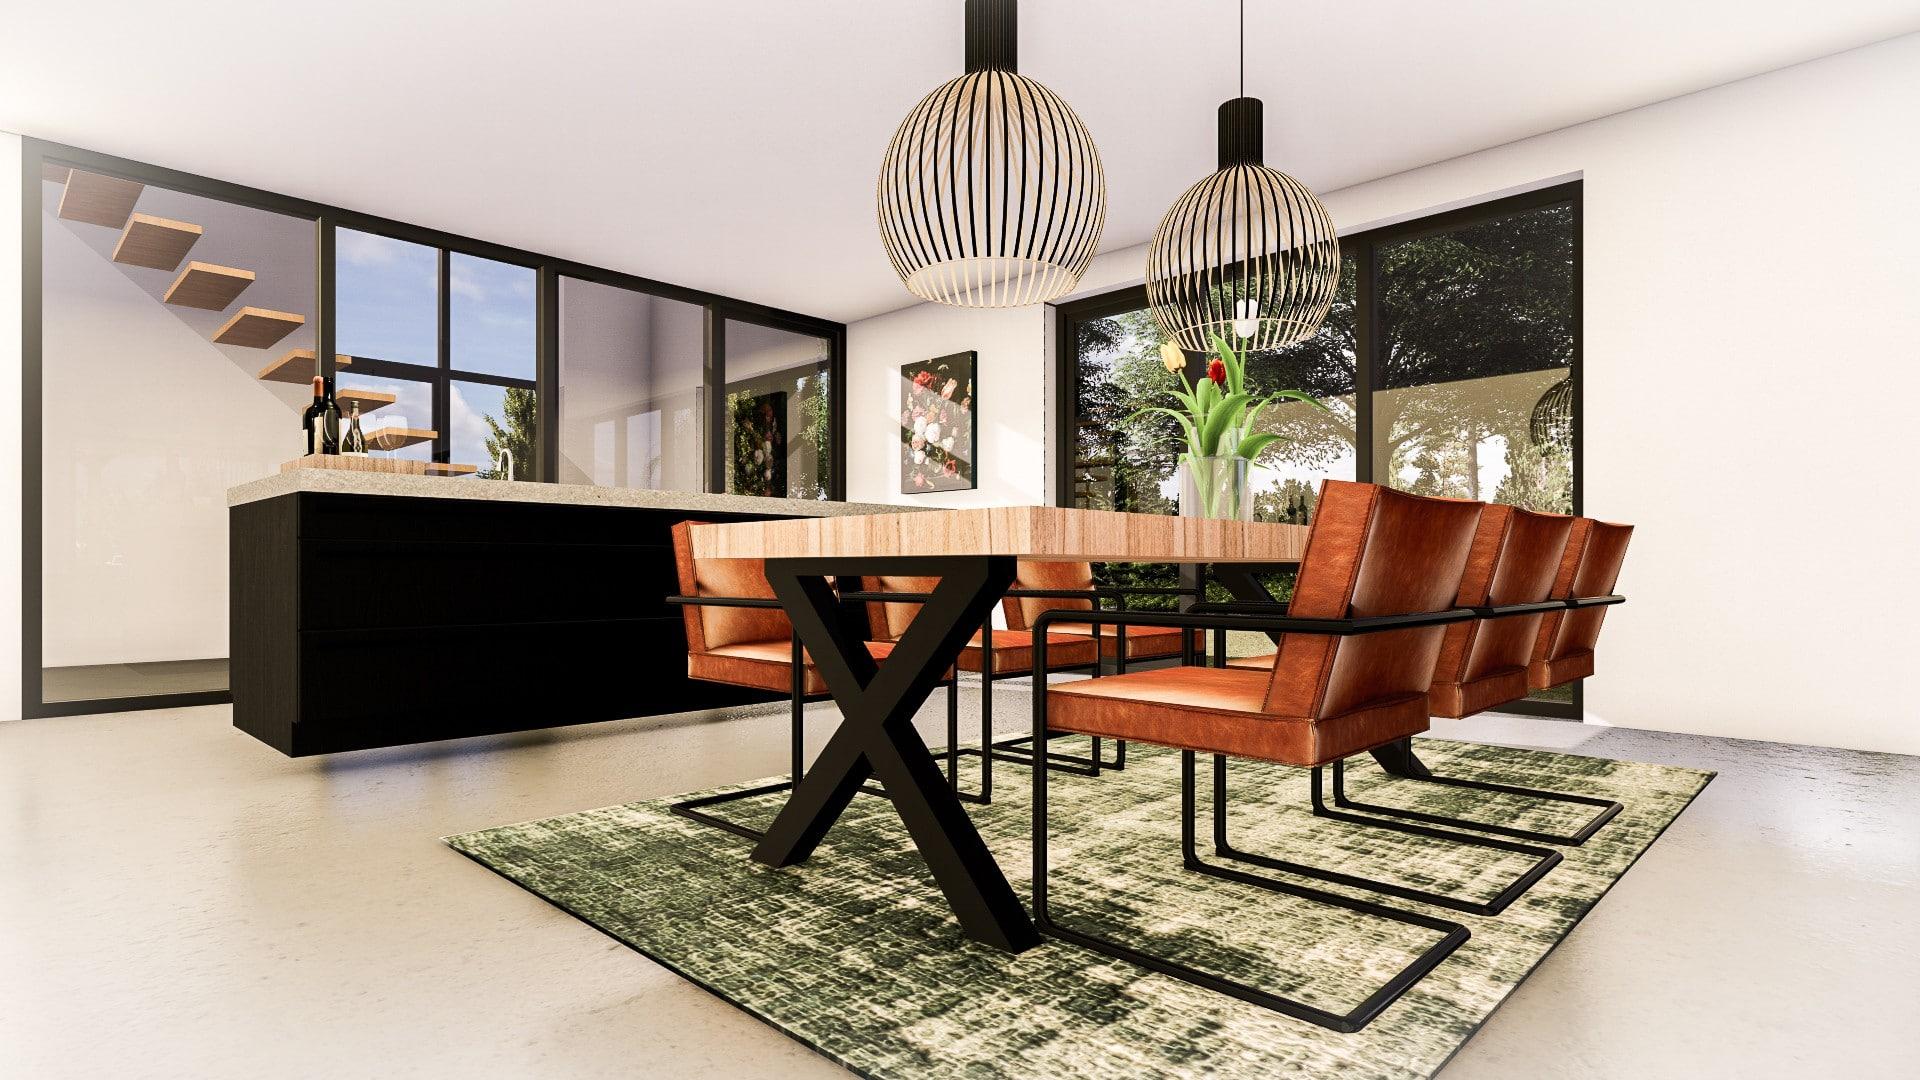 Keuken moderne kubistische woning